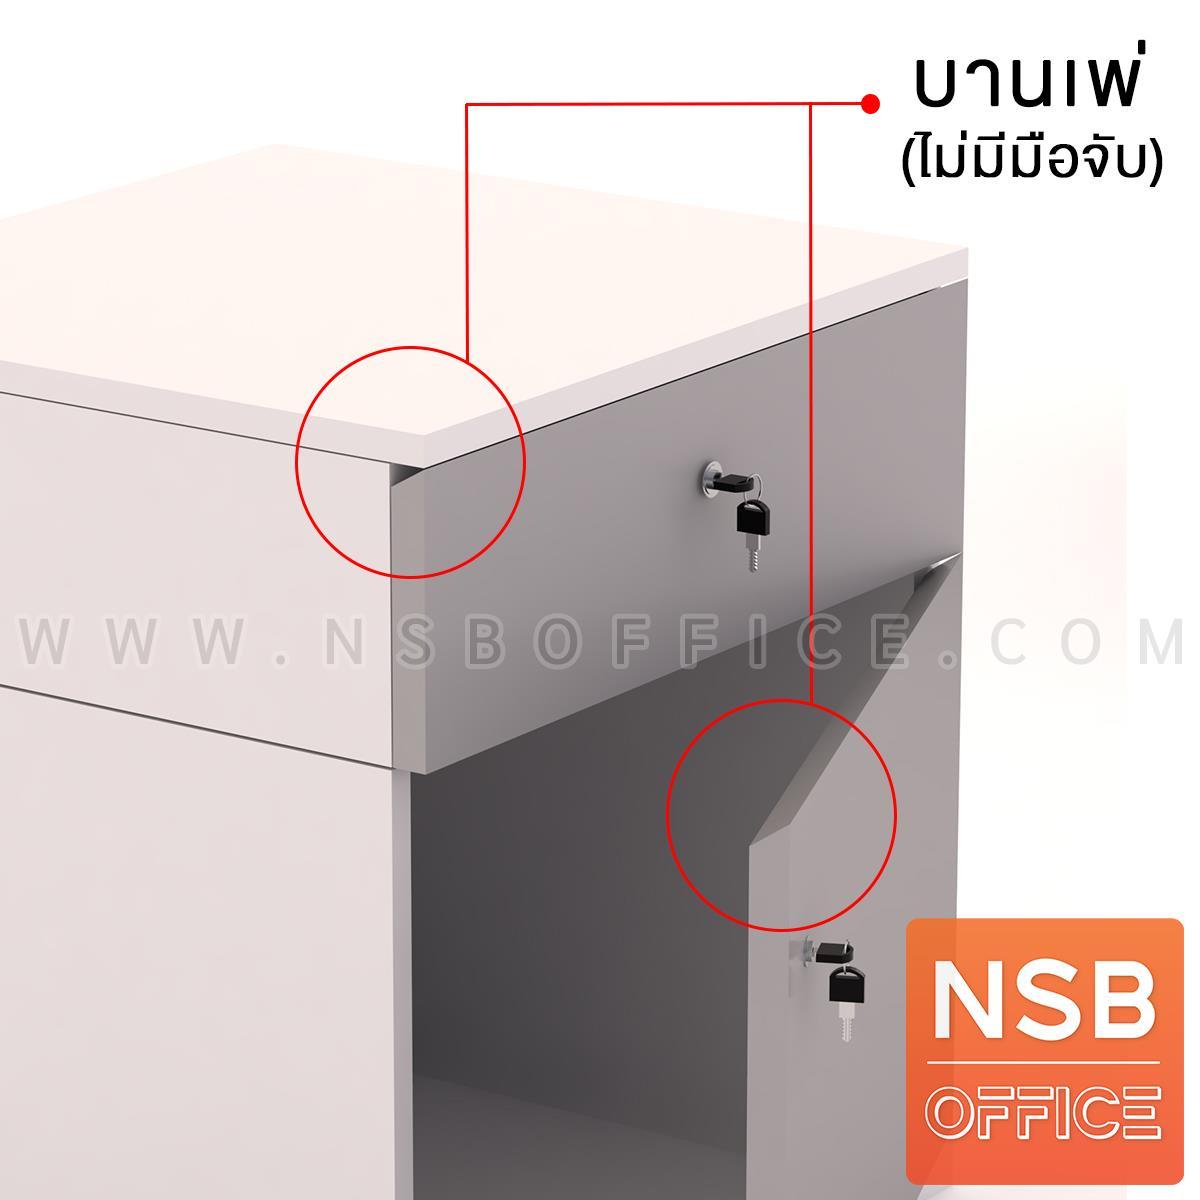 ตู้ครอบเซฟ บานเพ่ (แนวตั้ง)  รุ่น Mixfight (มิกซ์ไฟท์)  ขนาด 58W*60D*93H cm. สำหรับตู้เซฟน้ำหนัก 100 กก.